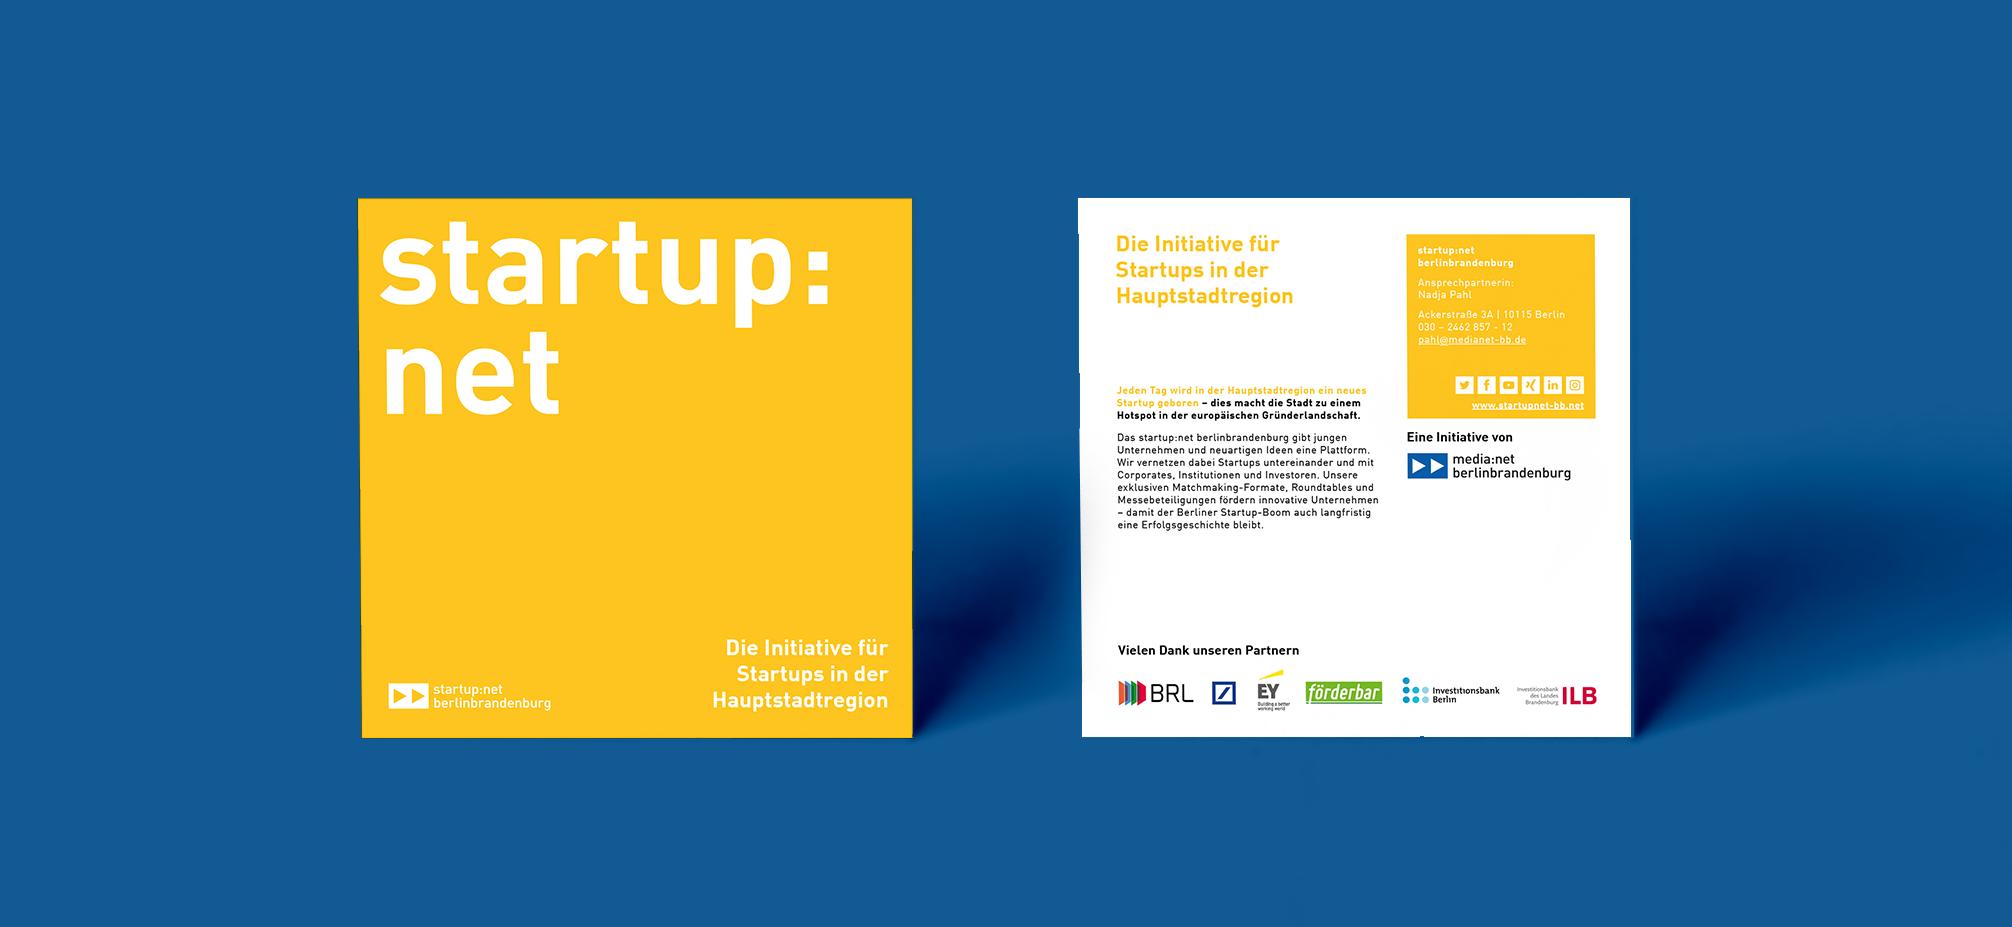 Startup net berlinbrandenburg Flyer Redesign und Layout | zweiseitig